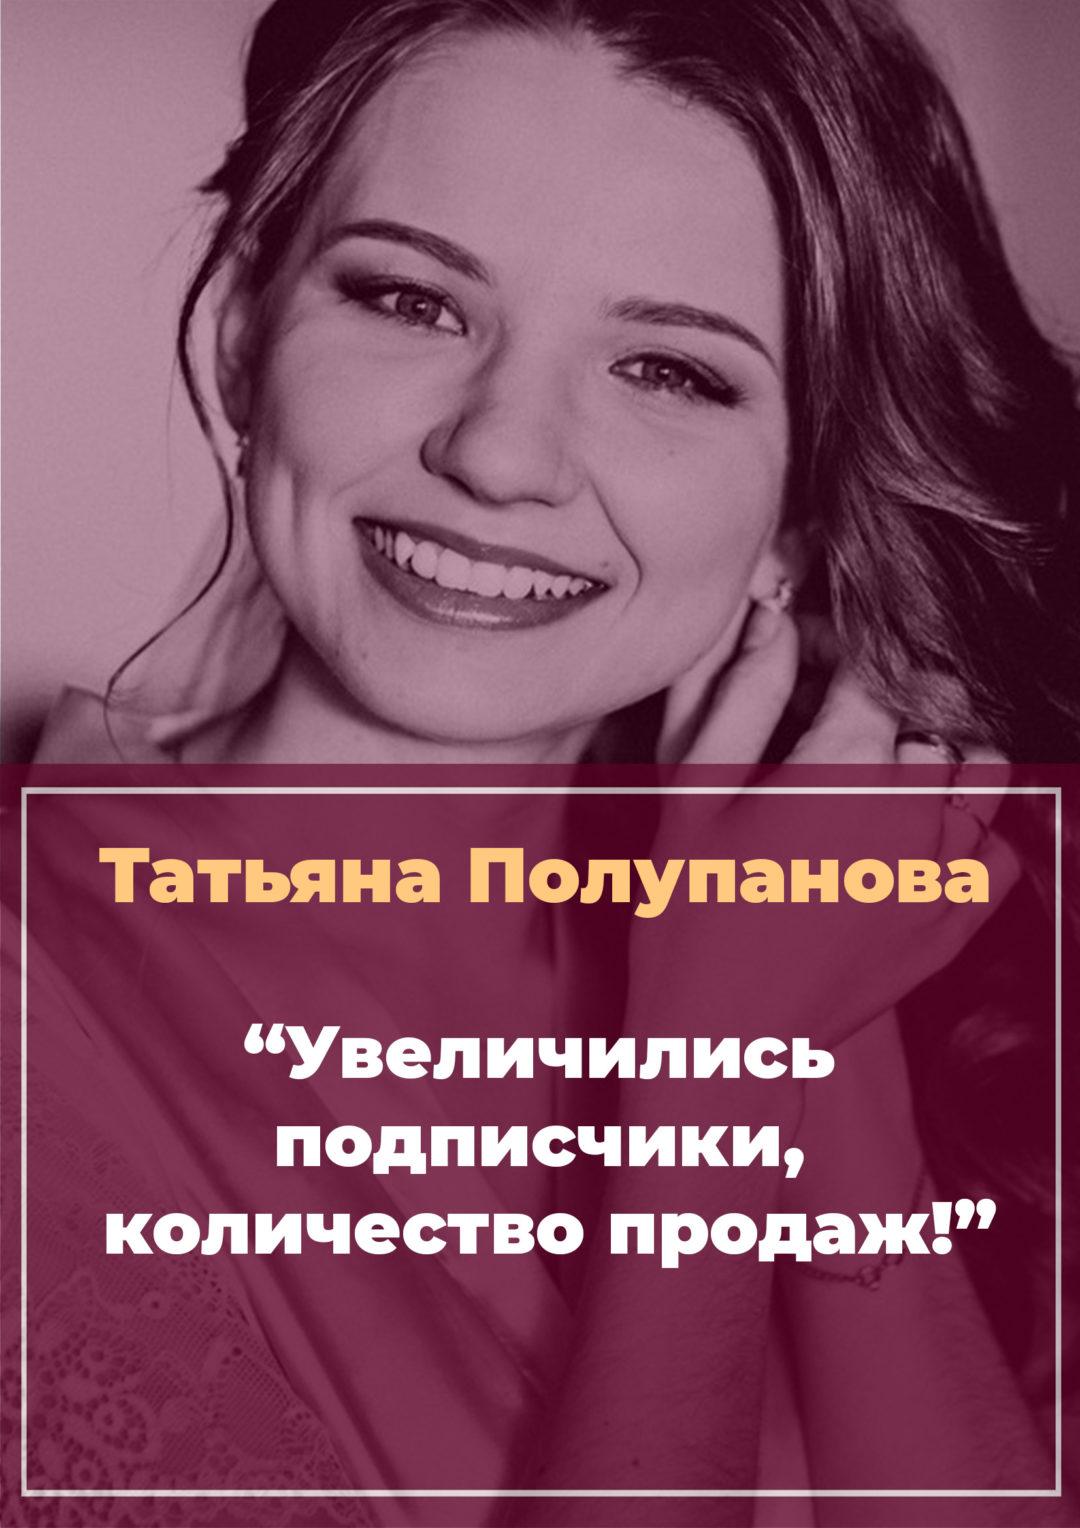 История Татьяны Полупановой